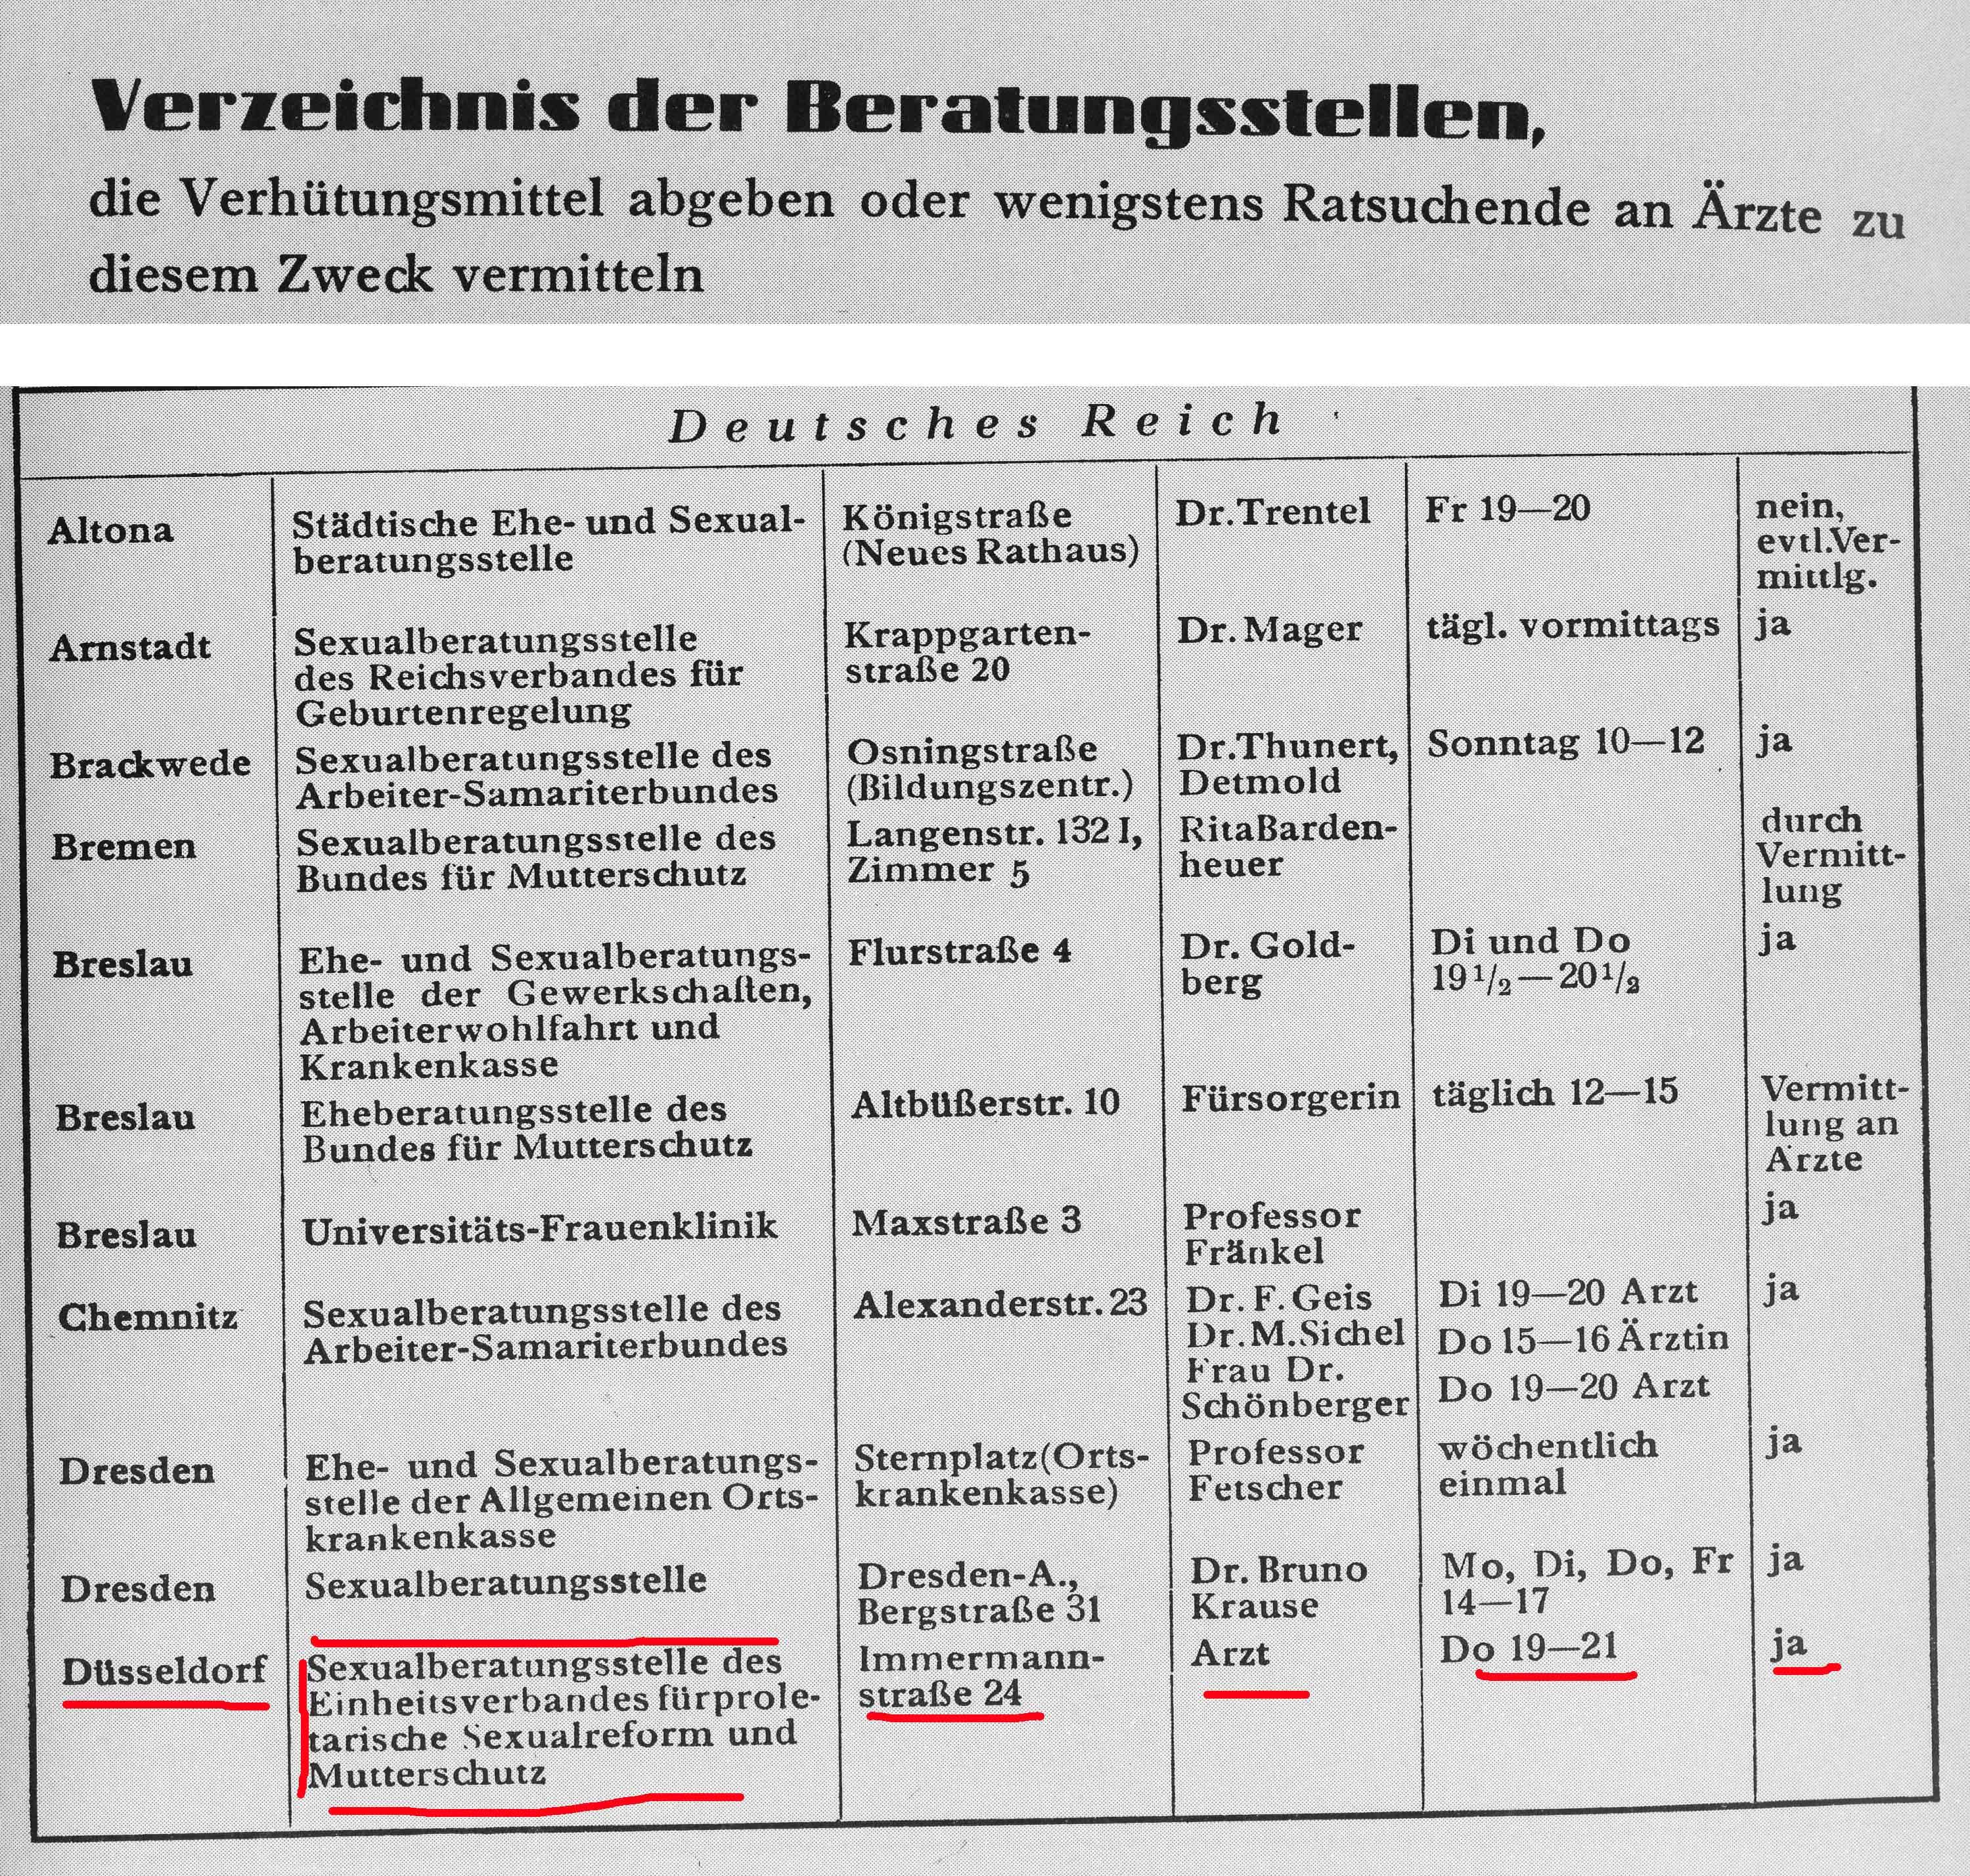 Quelle: Kristine von Soden, Die Sexualberatungsstellen in der Weimarer Republik 1919-1933, Berlin 1988, S. 150.